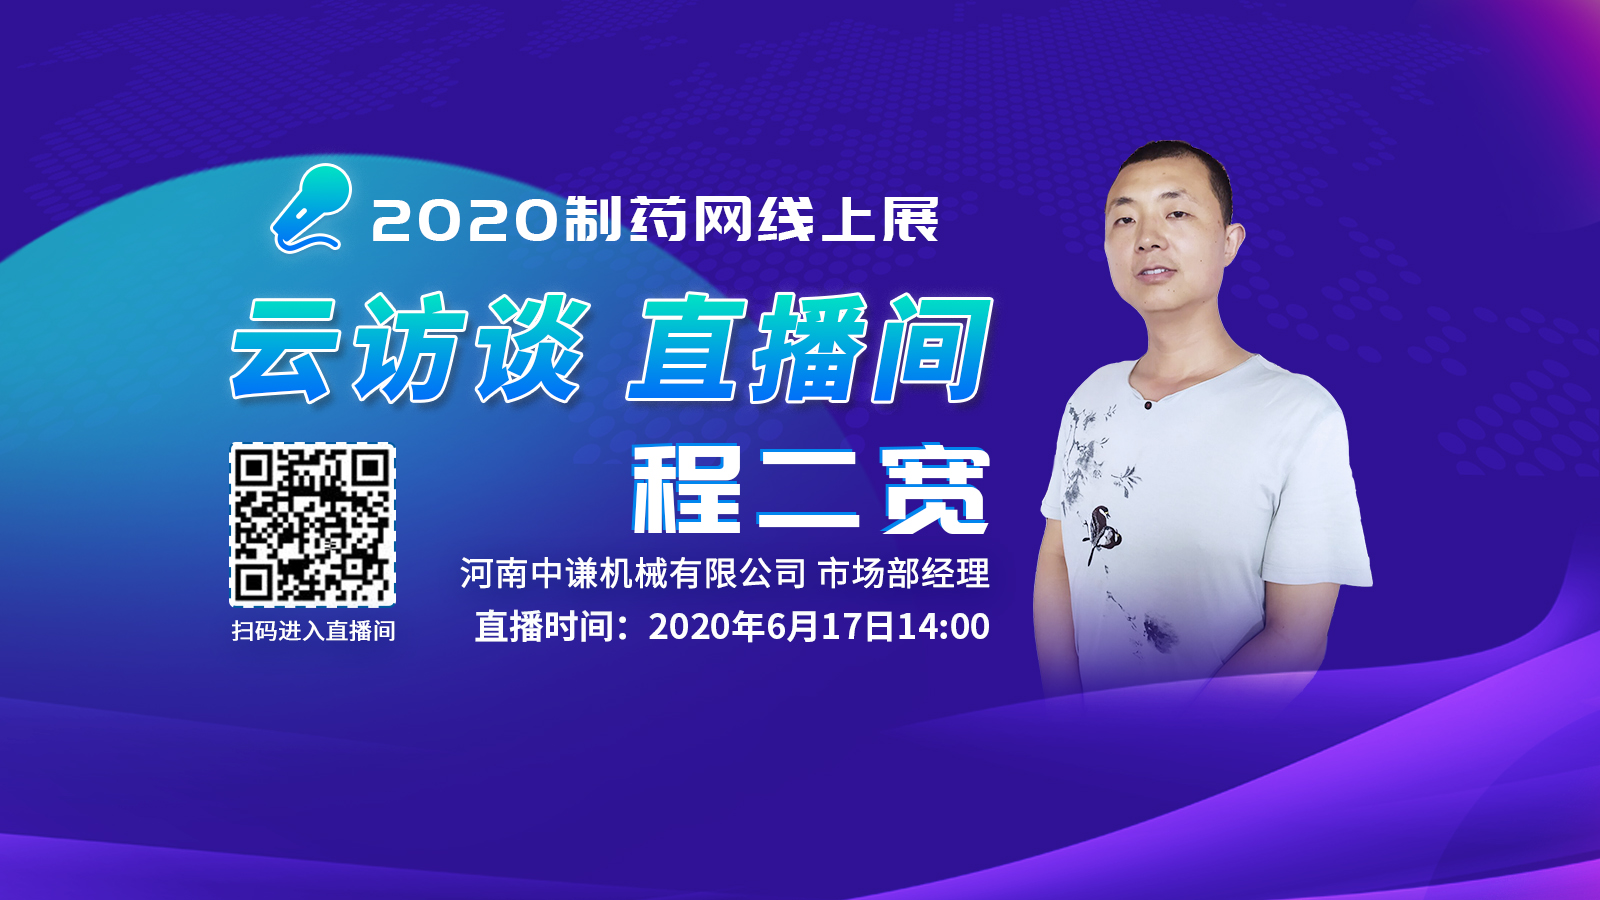 河南中谦机械有限公司市场部经理做客制药网线上展云访谈